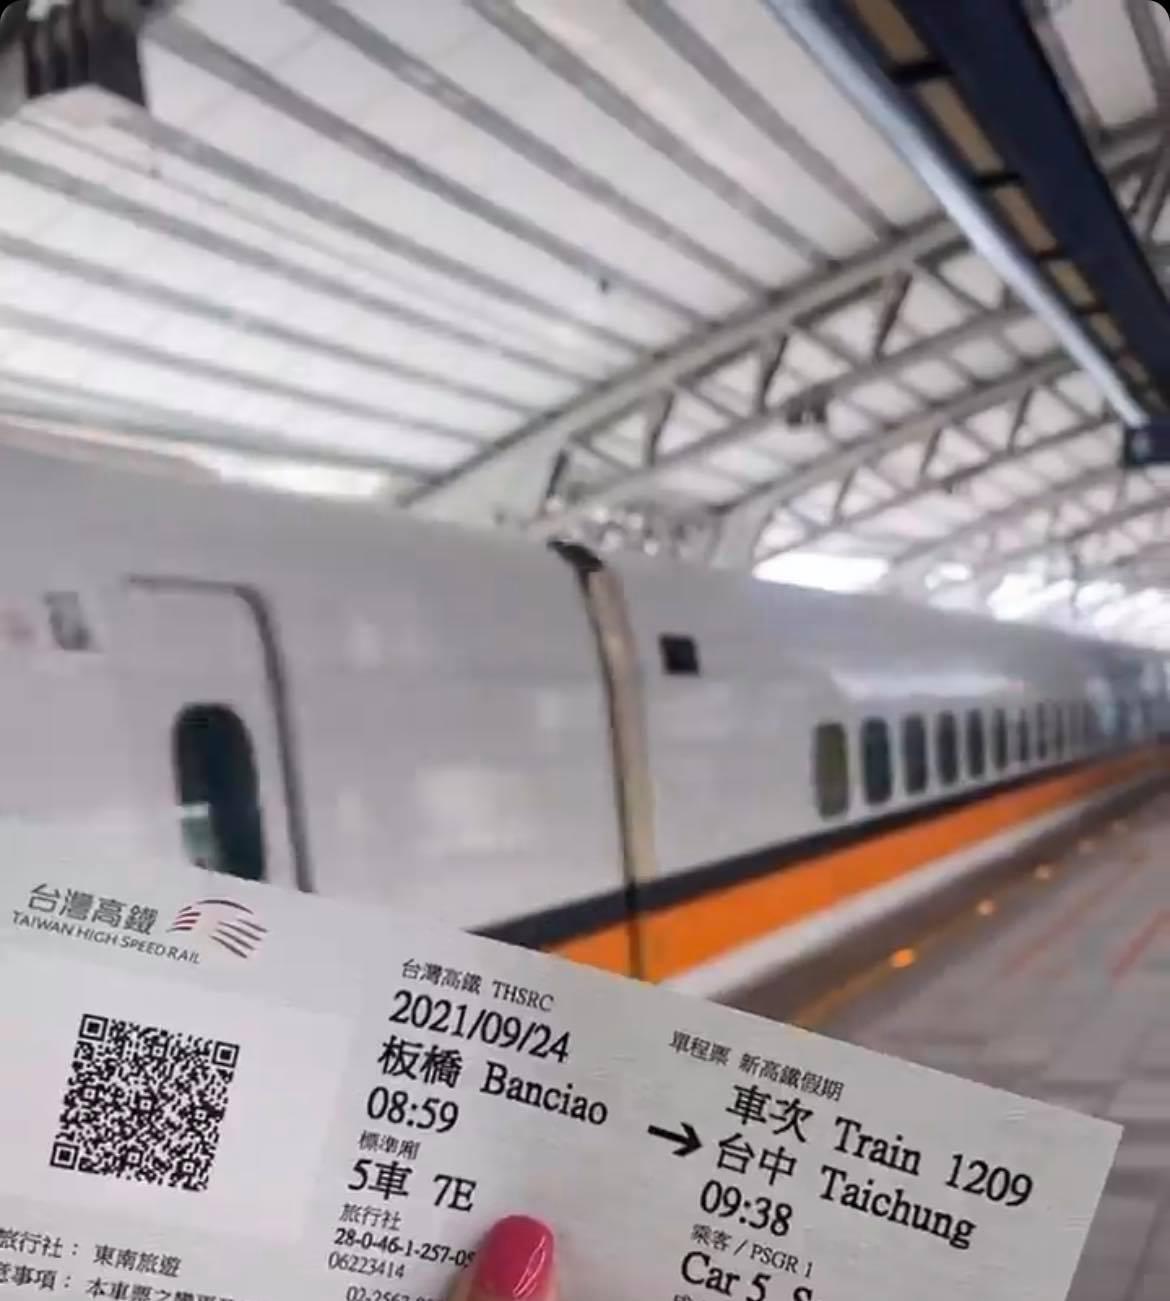 板橋台中高鐵 東南旅遊